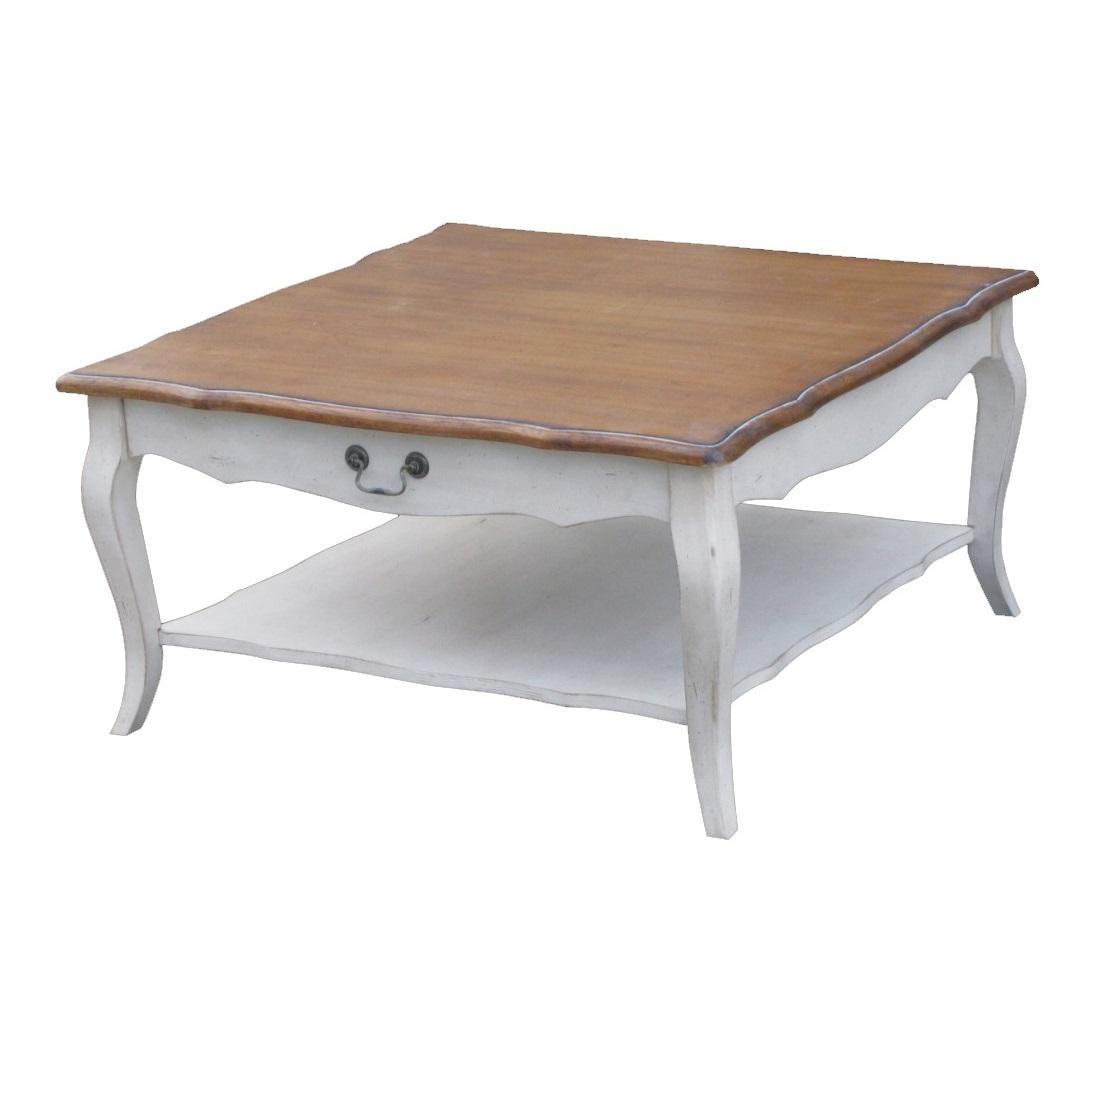 Стол кофейныйКофейные столики<br><br><br>Material: Бук<br>Width см: 90<br>Depth см: 90<br>Height см: 46